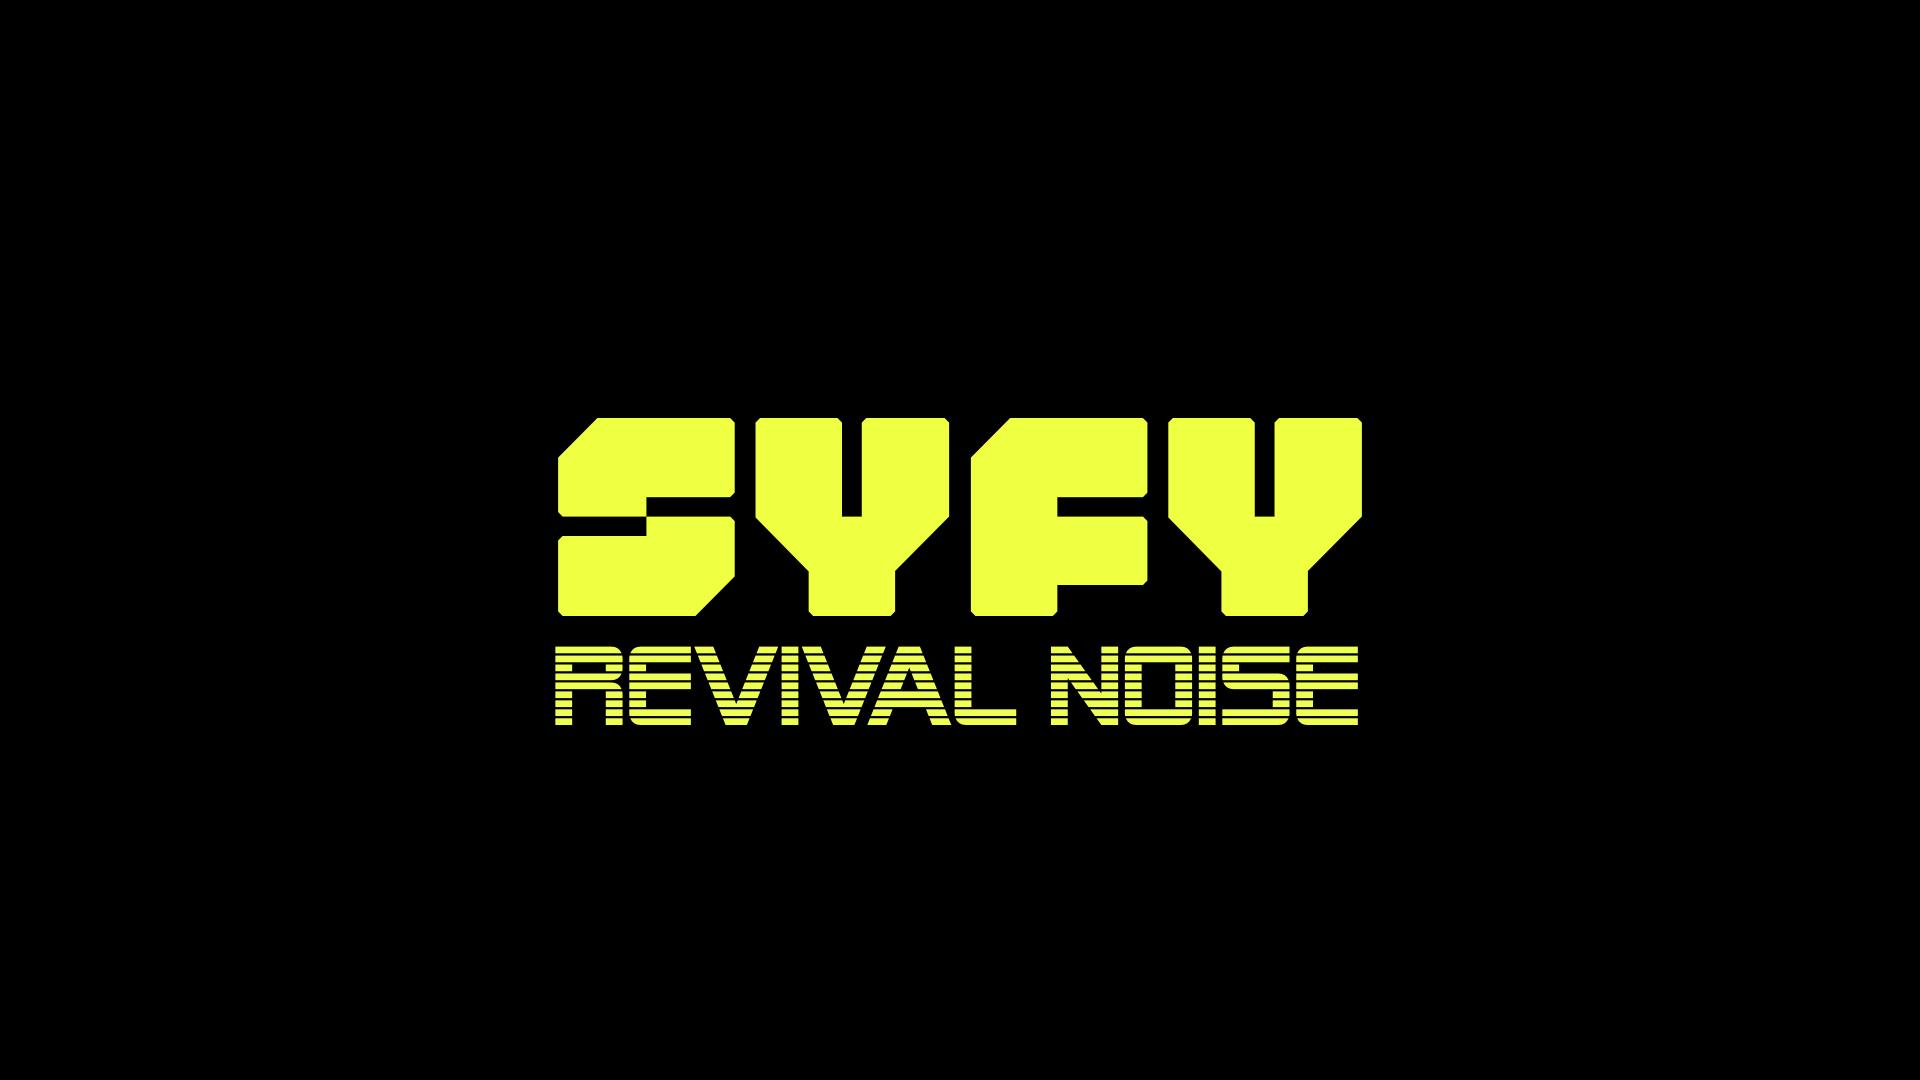 revival noise.001.jpeg